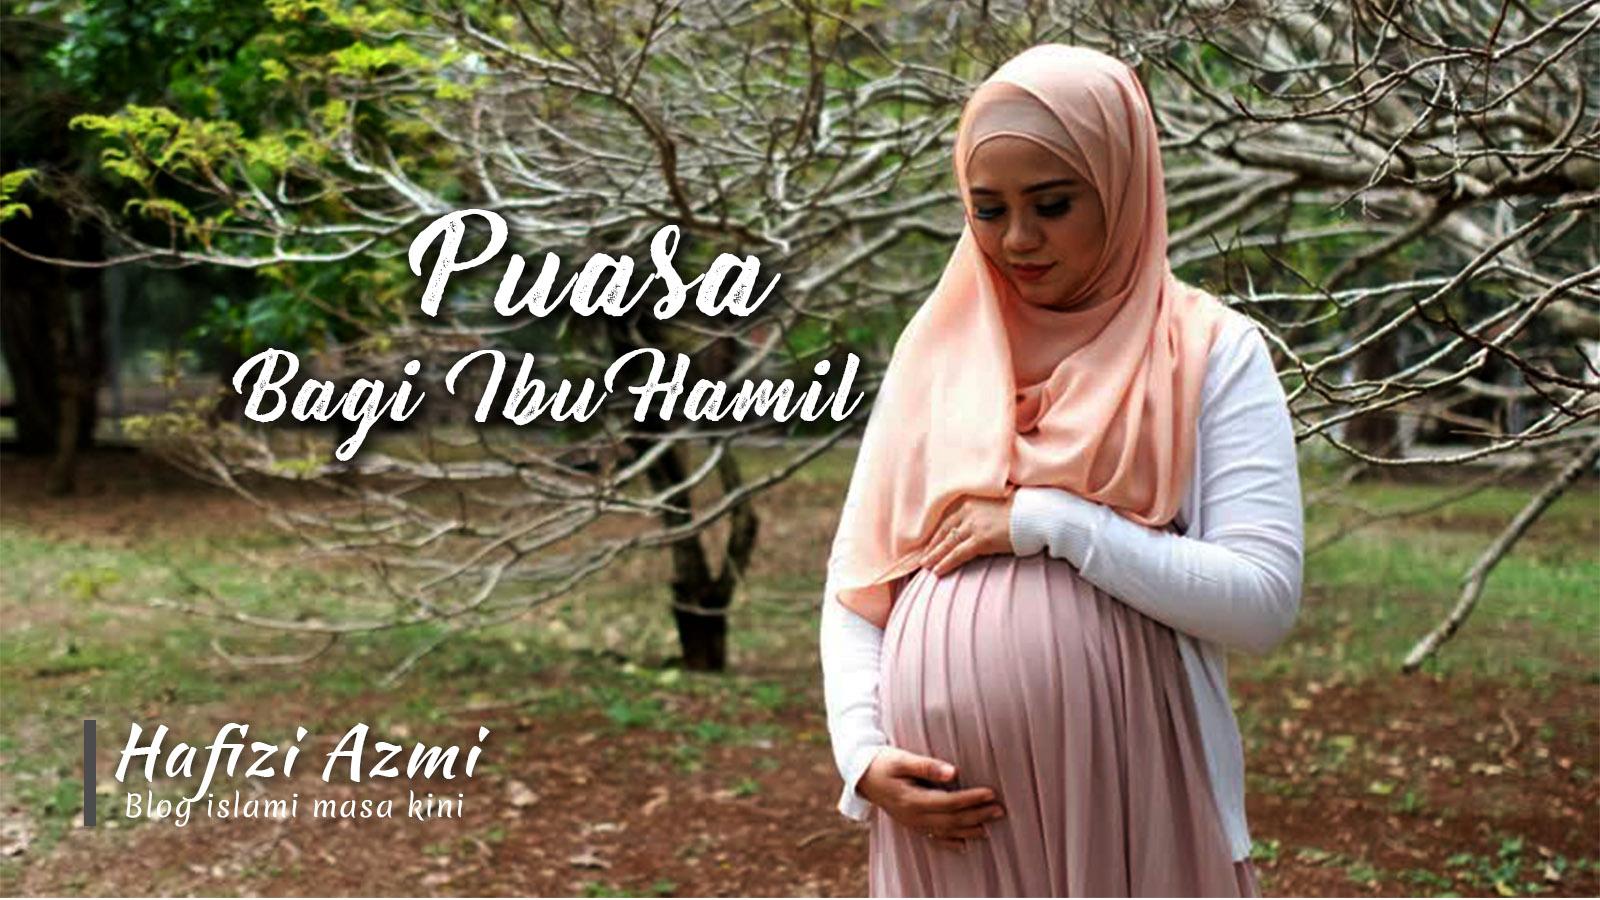 Puasa bagi ibu hamil